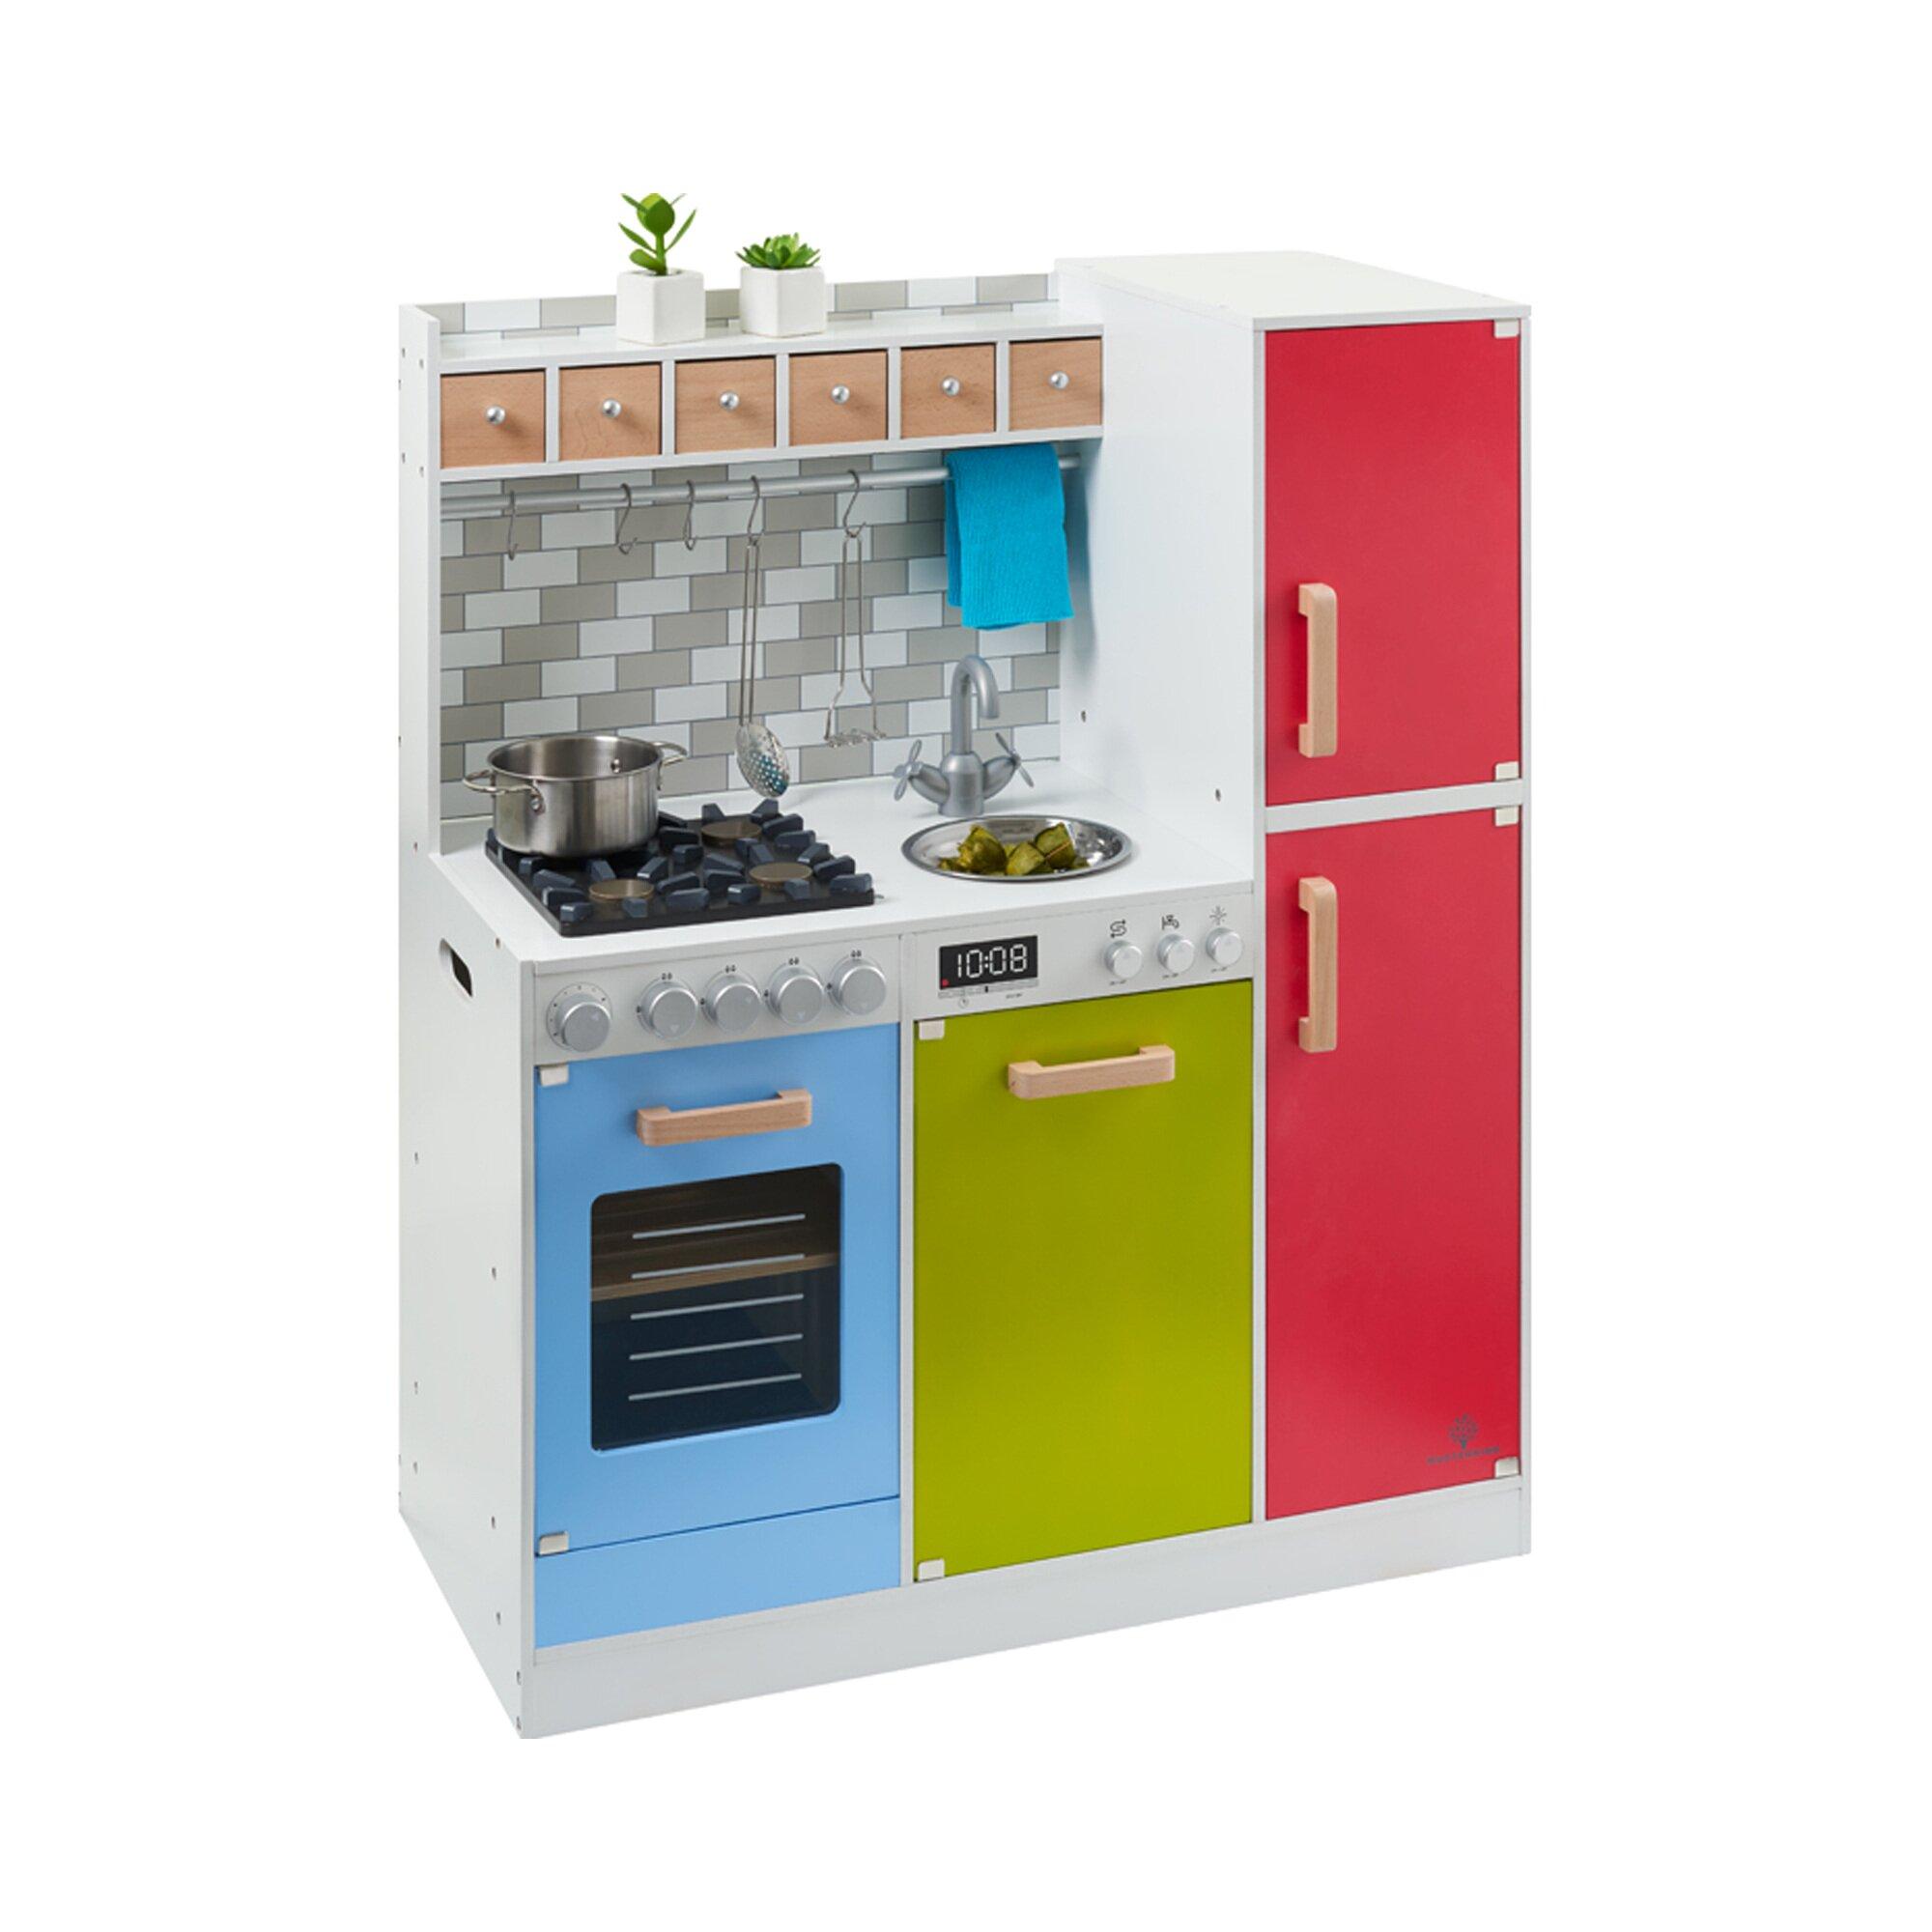 einfach billiger ihre suche nach k hl gefrierkombination a. Black Bedroom Furniture Sets. Home Design Ideas